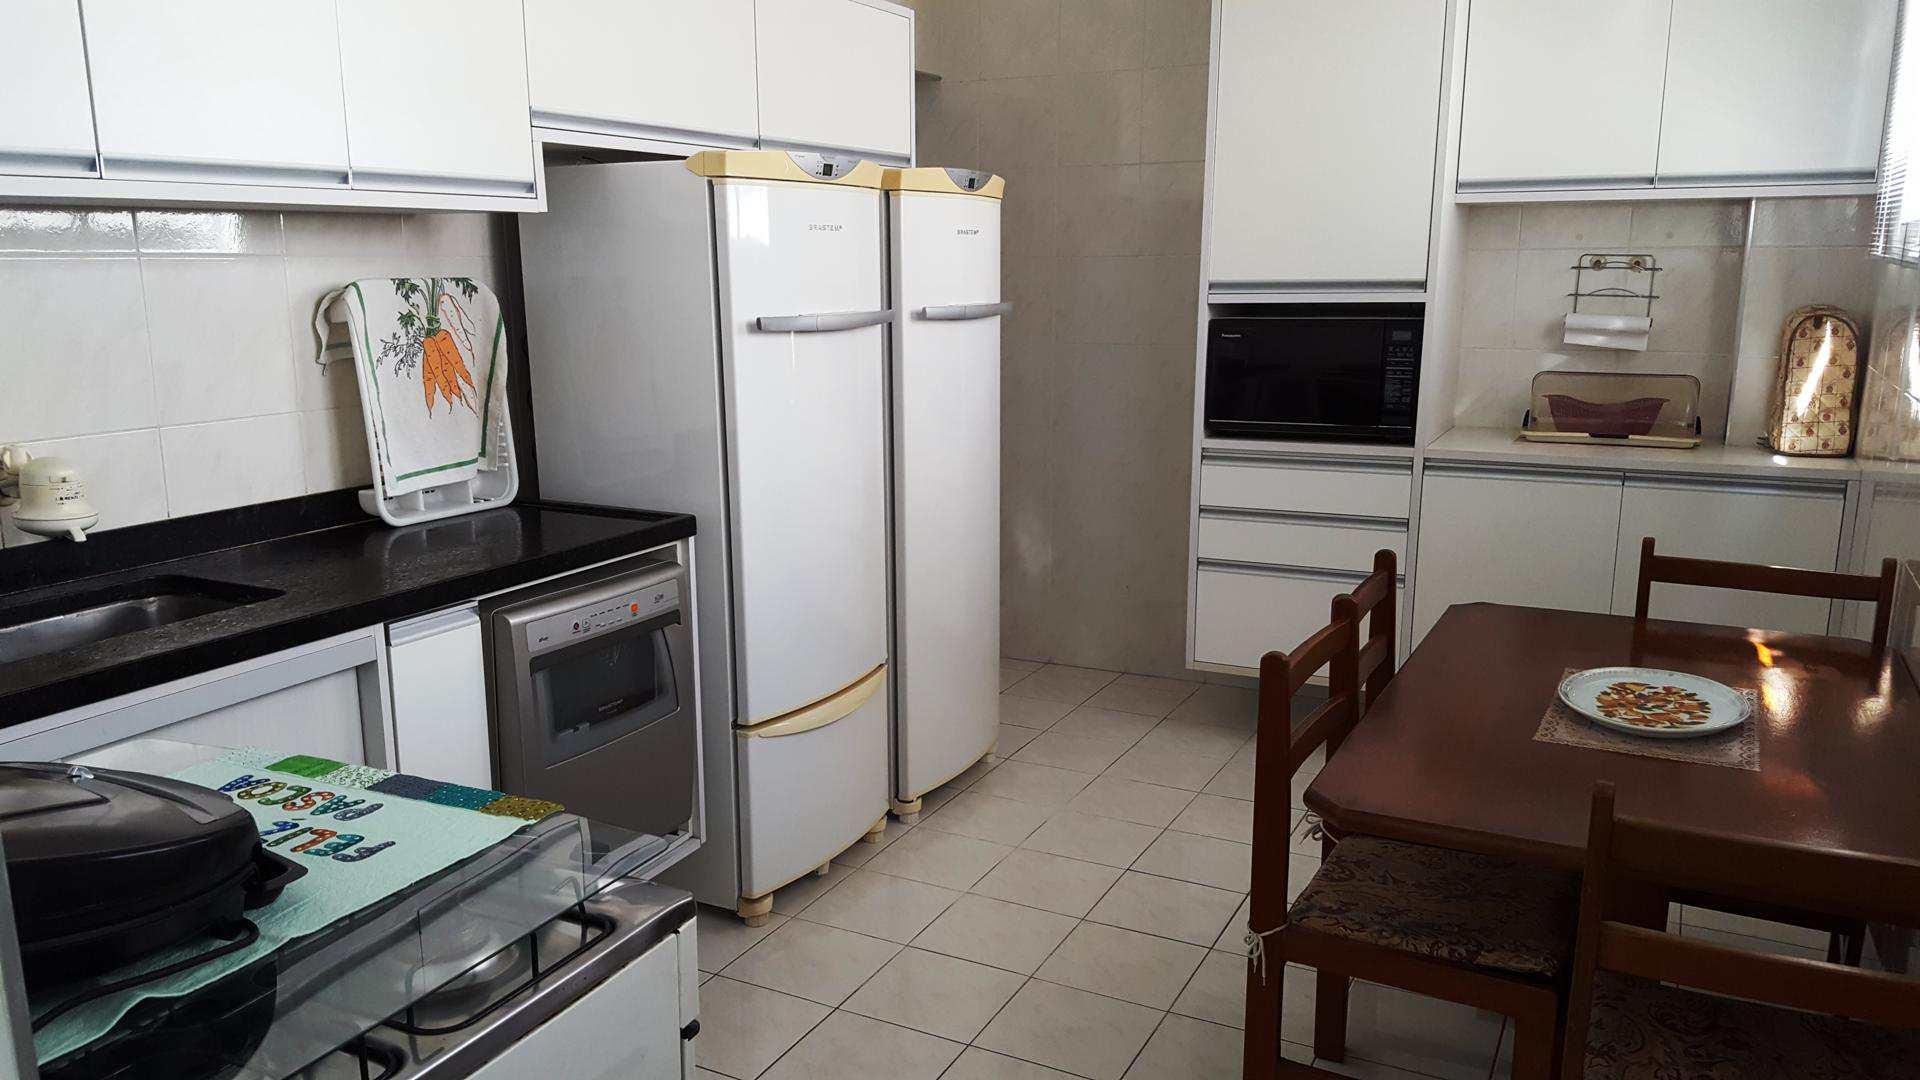 D - cozinha (5)